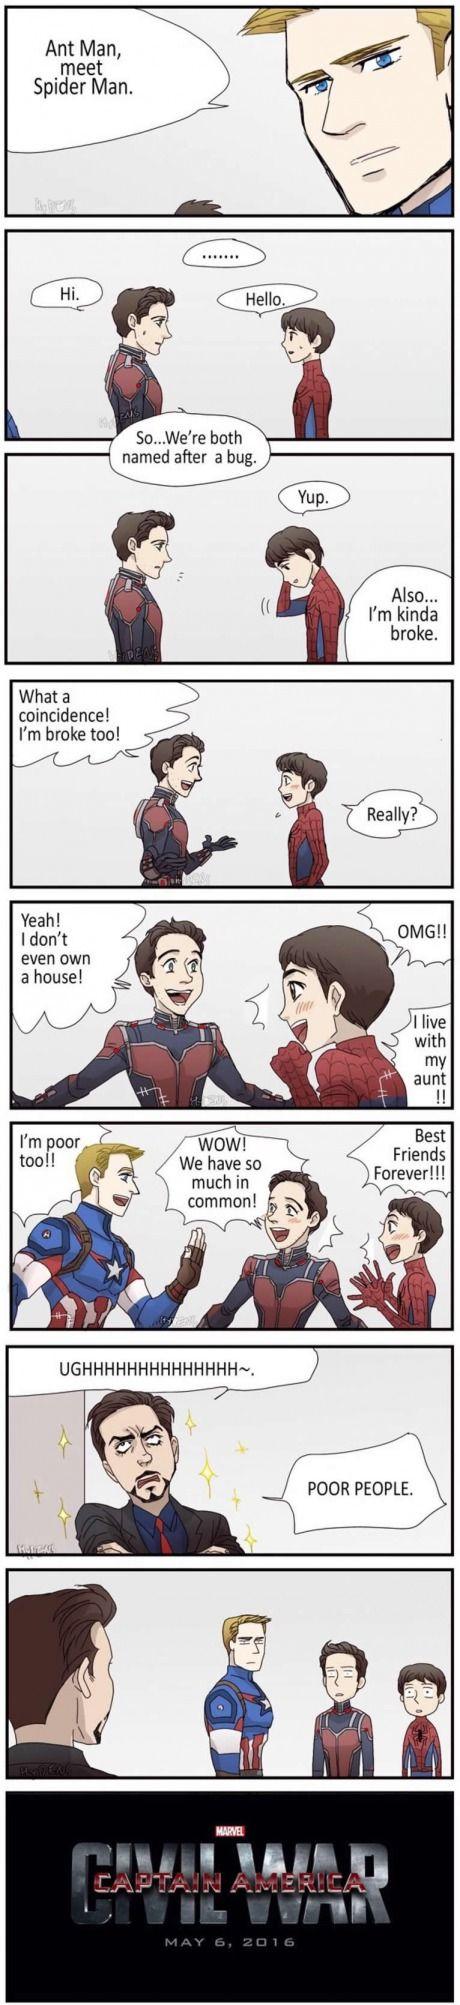 Captain America - Civil War Scenario - Ant-man - Spider-Man - Captain America - Ironman